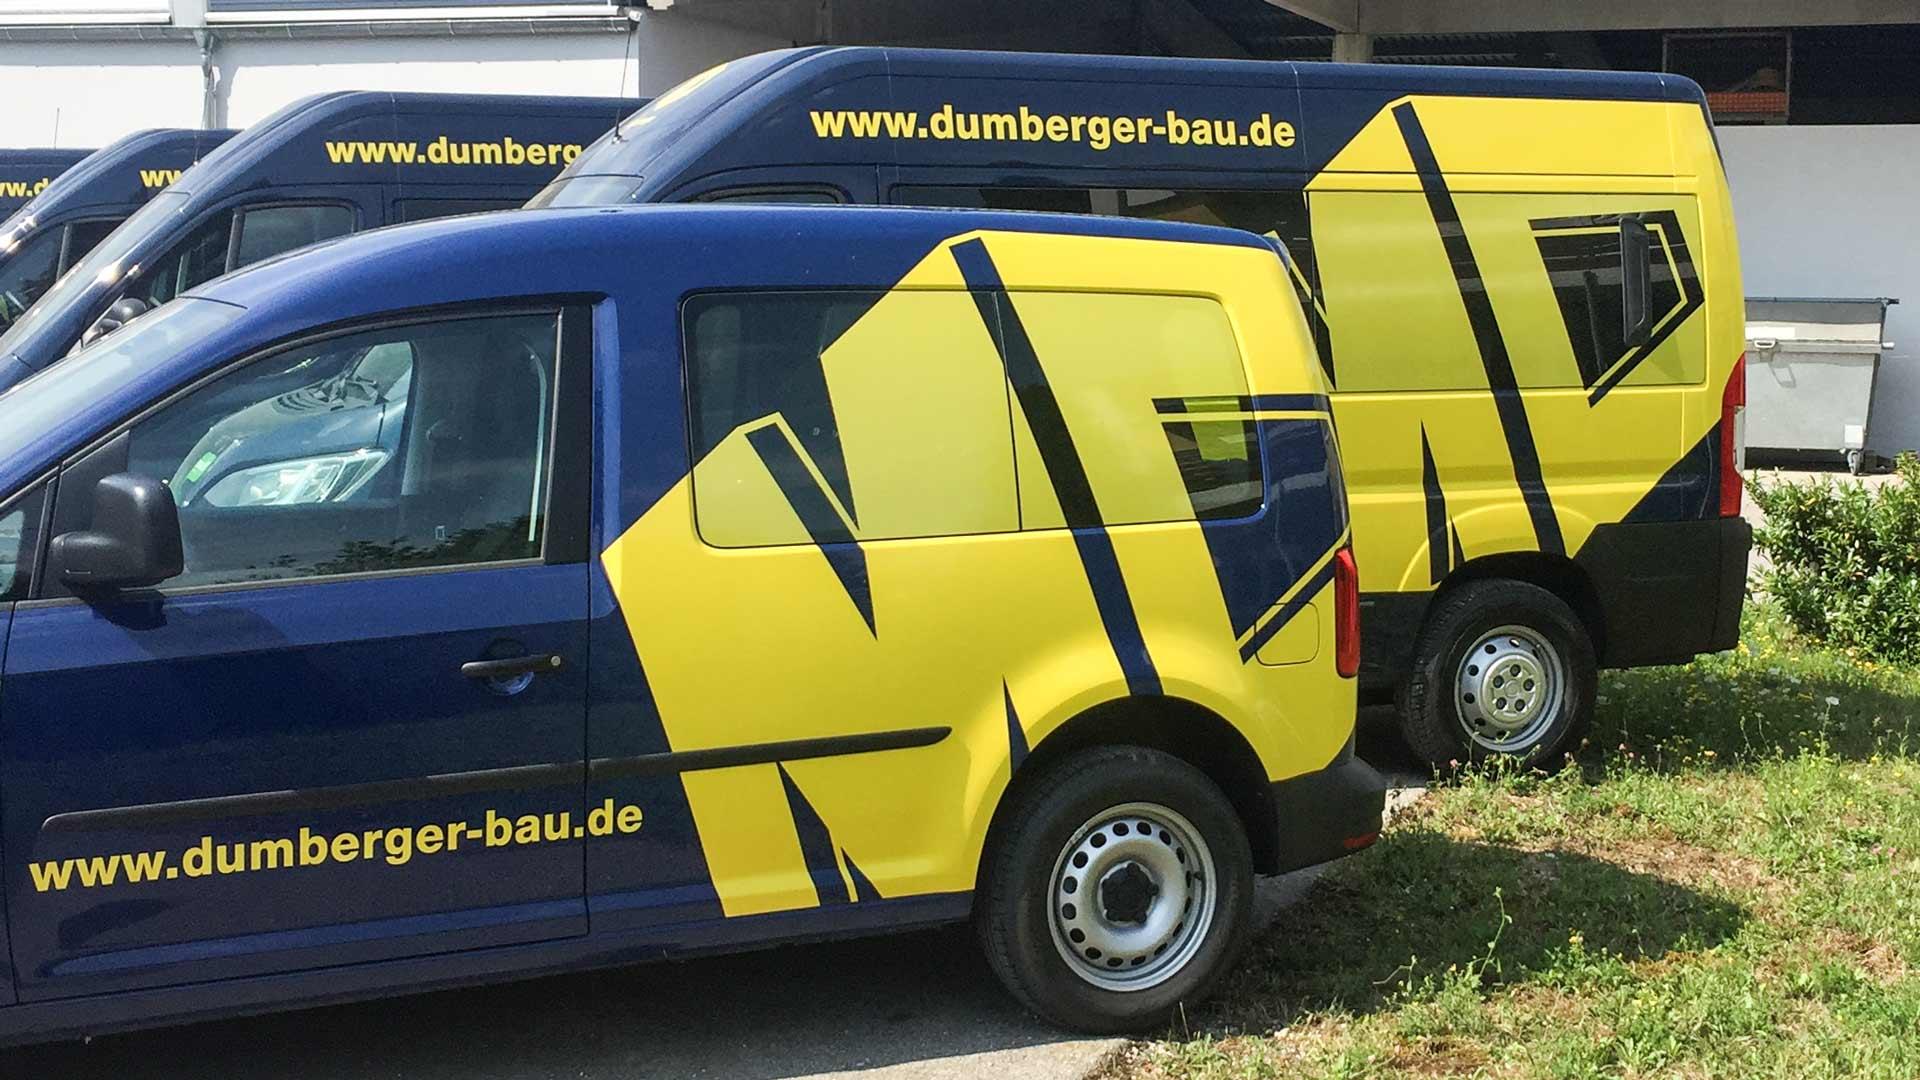 Die M. Dumberger Bauunternehmung fährt klimaschonend und investiert 800.000 Euro in Erdgas-Fuhrpark